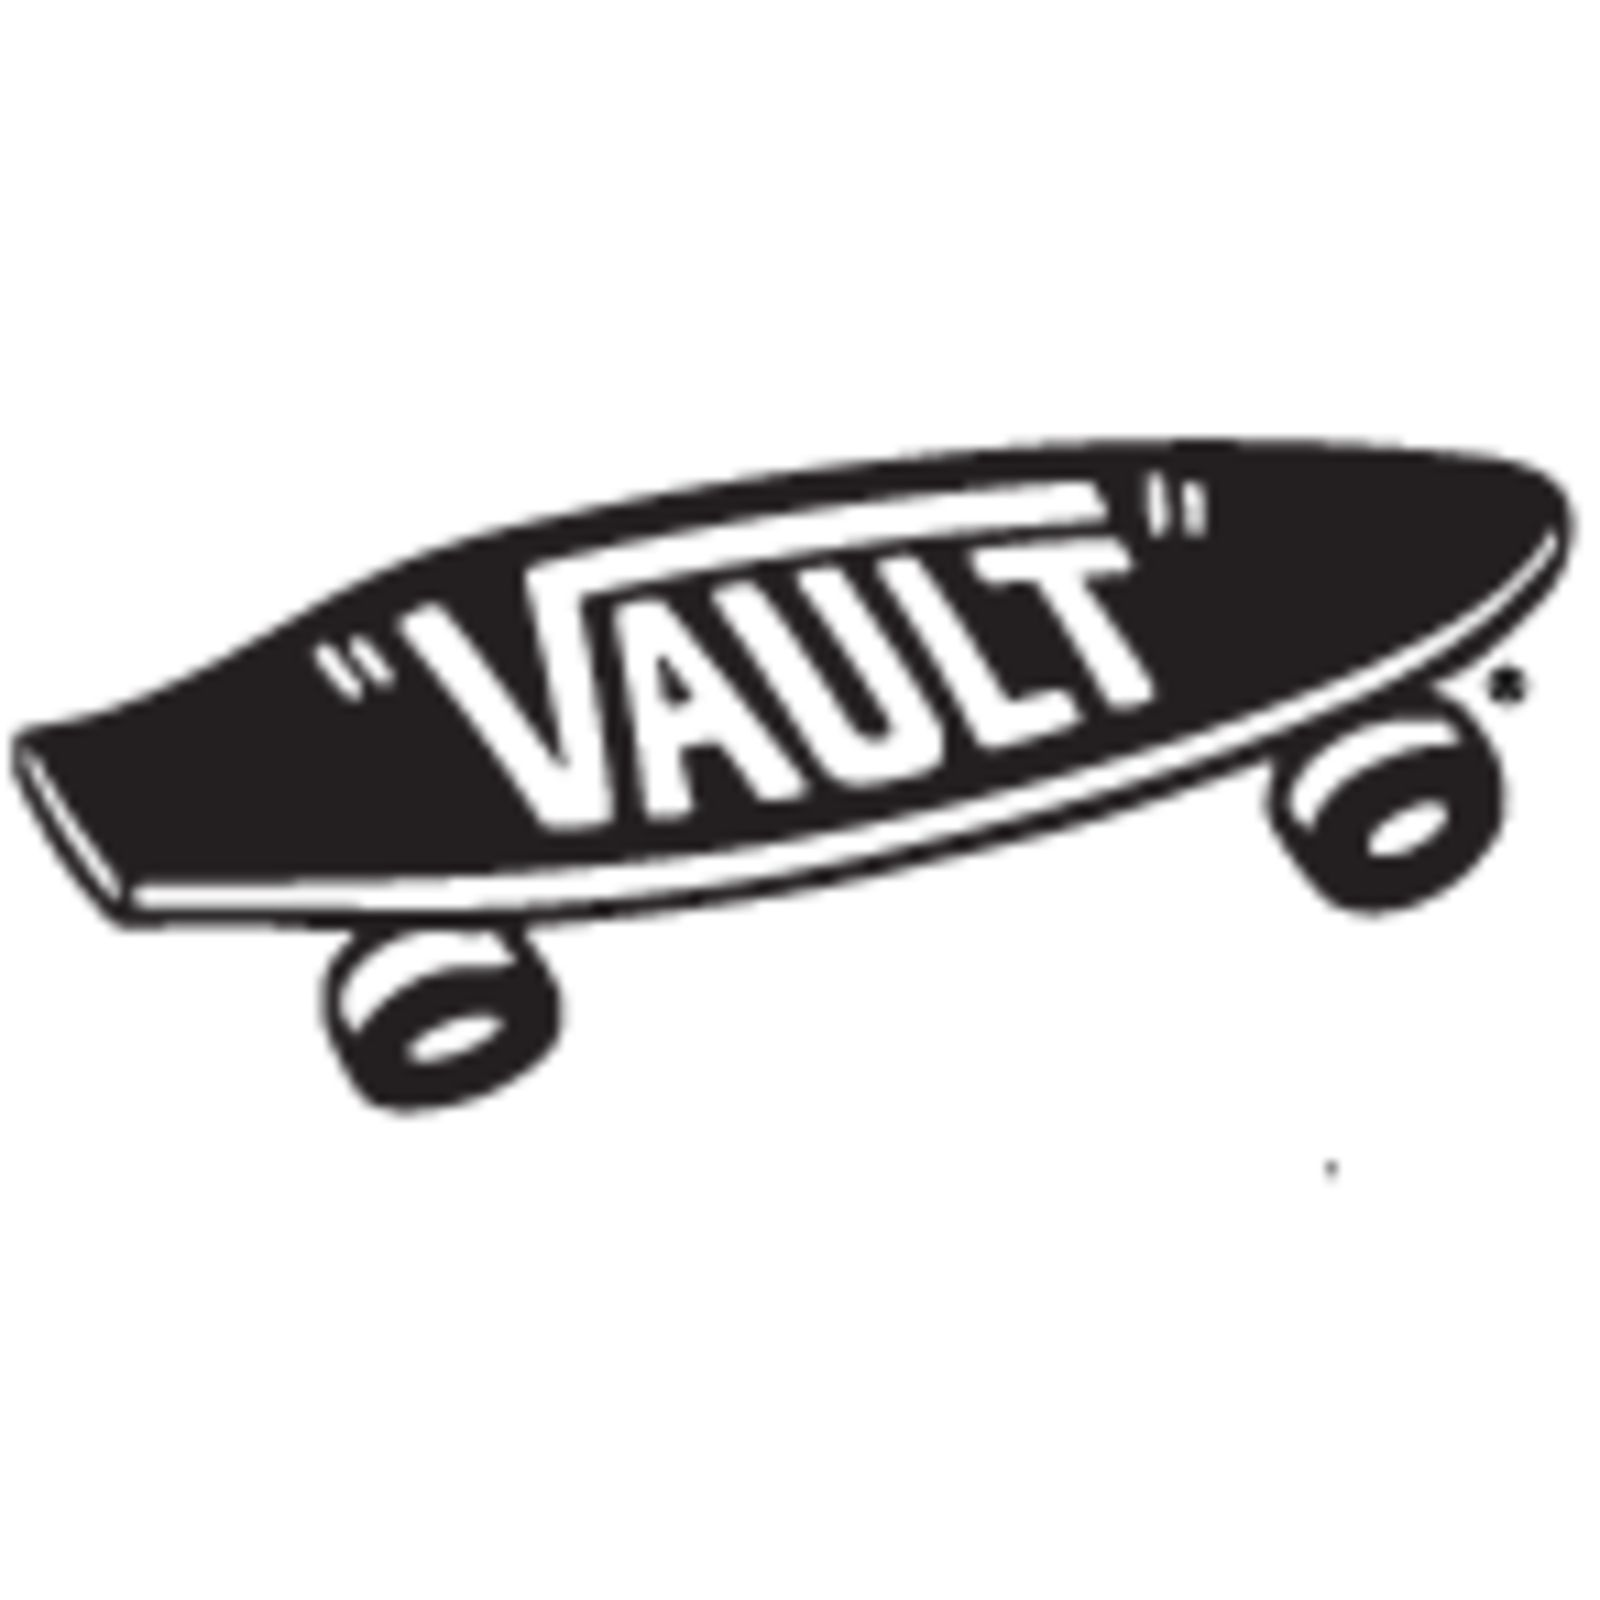 VAULT by VANS (Bild 1)